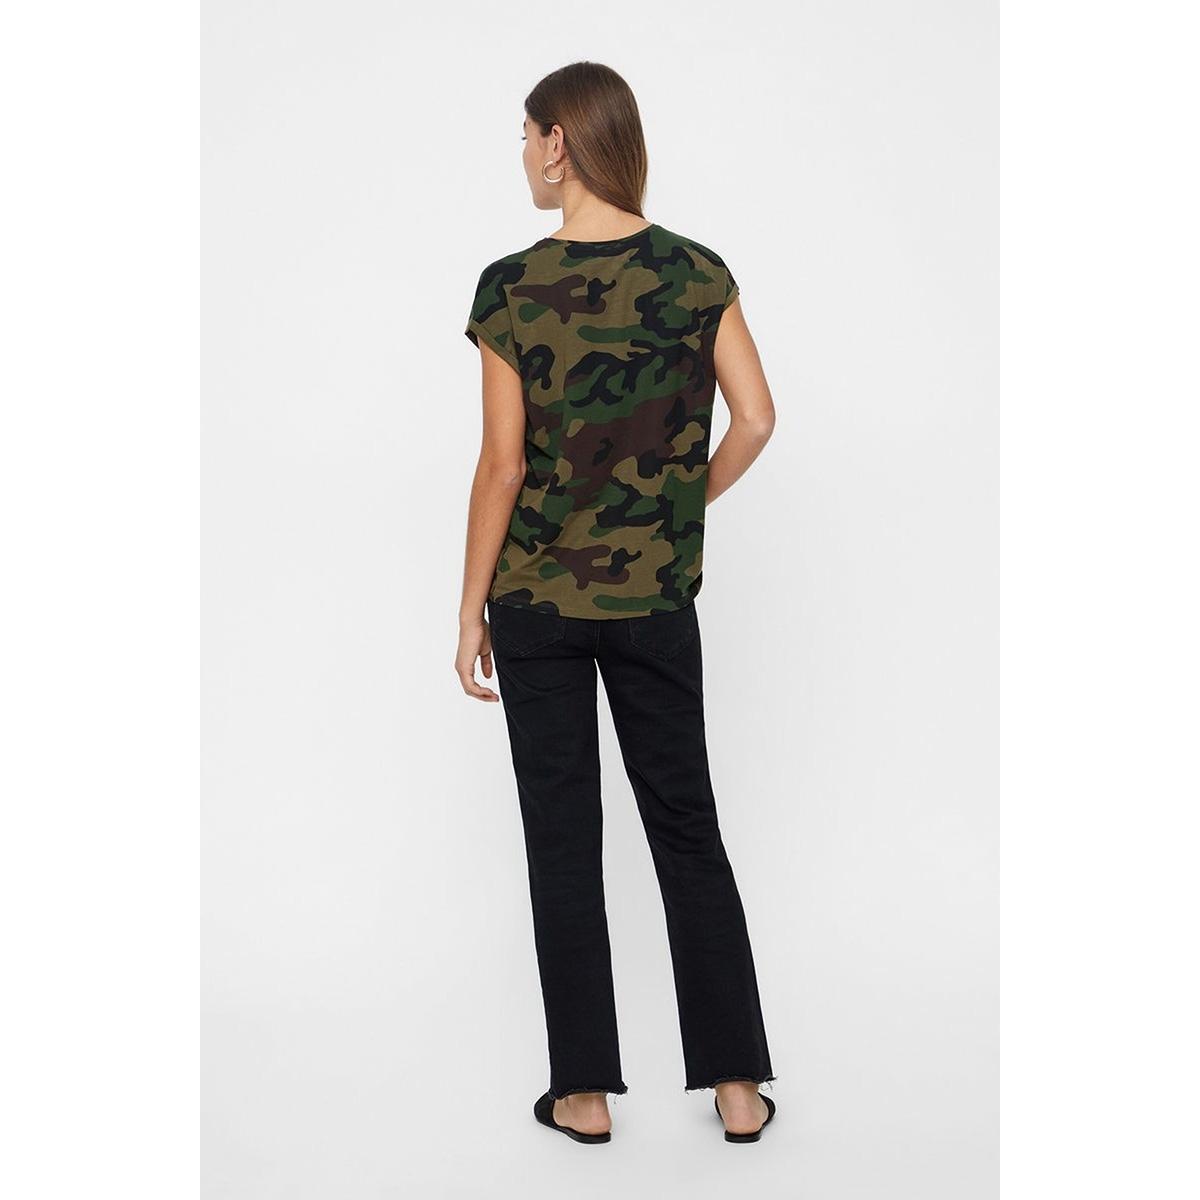 vmava plain ss top multi aop ga 10214302 vero moda t-shirt ivy green/camo